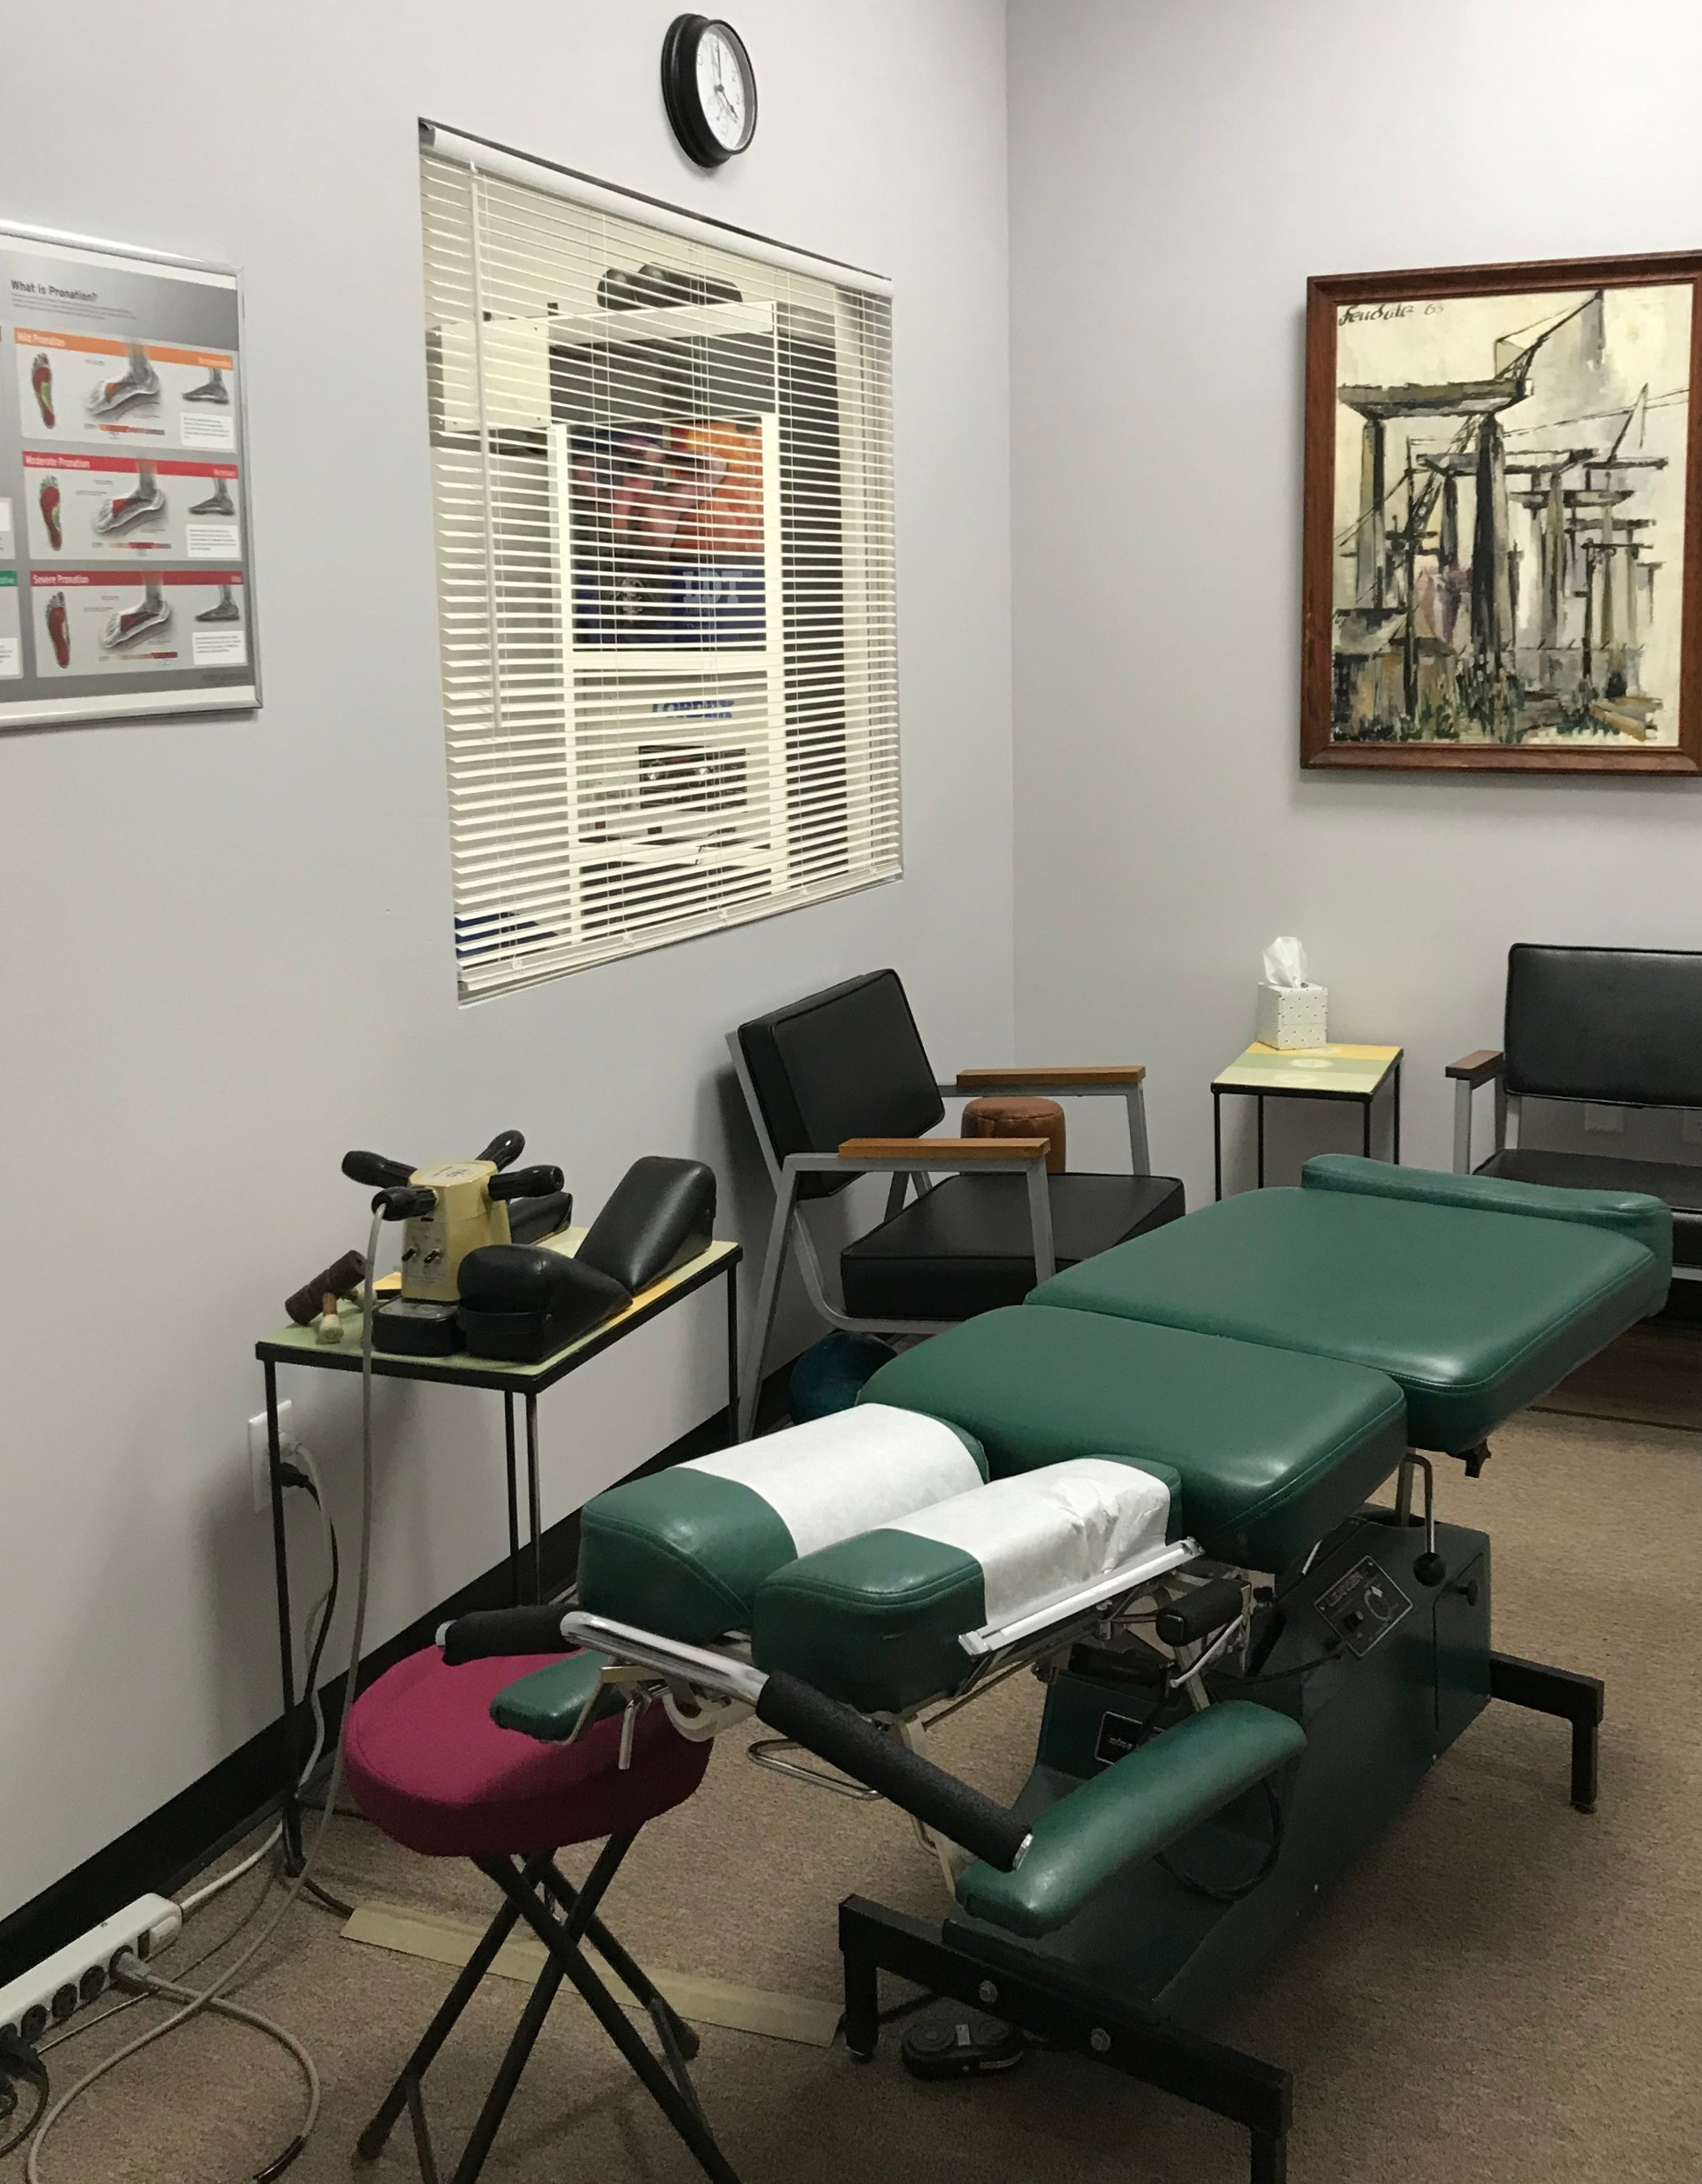 Existing Patient Visit